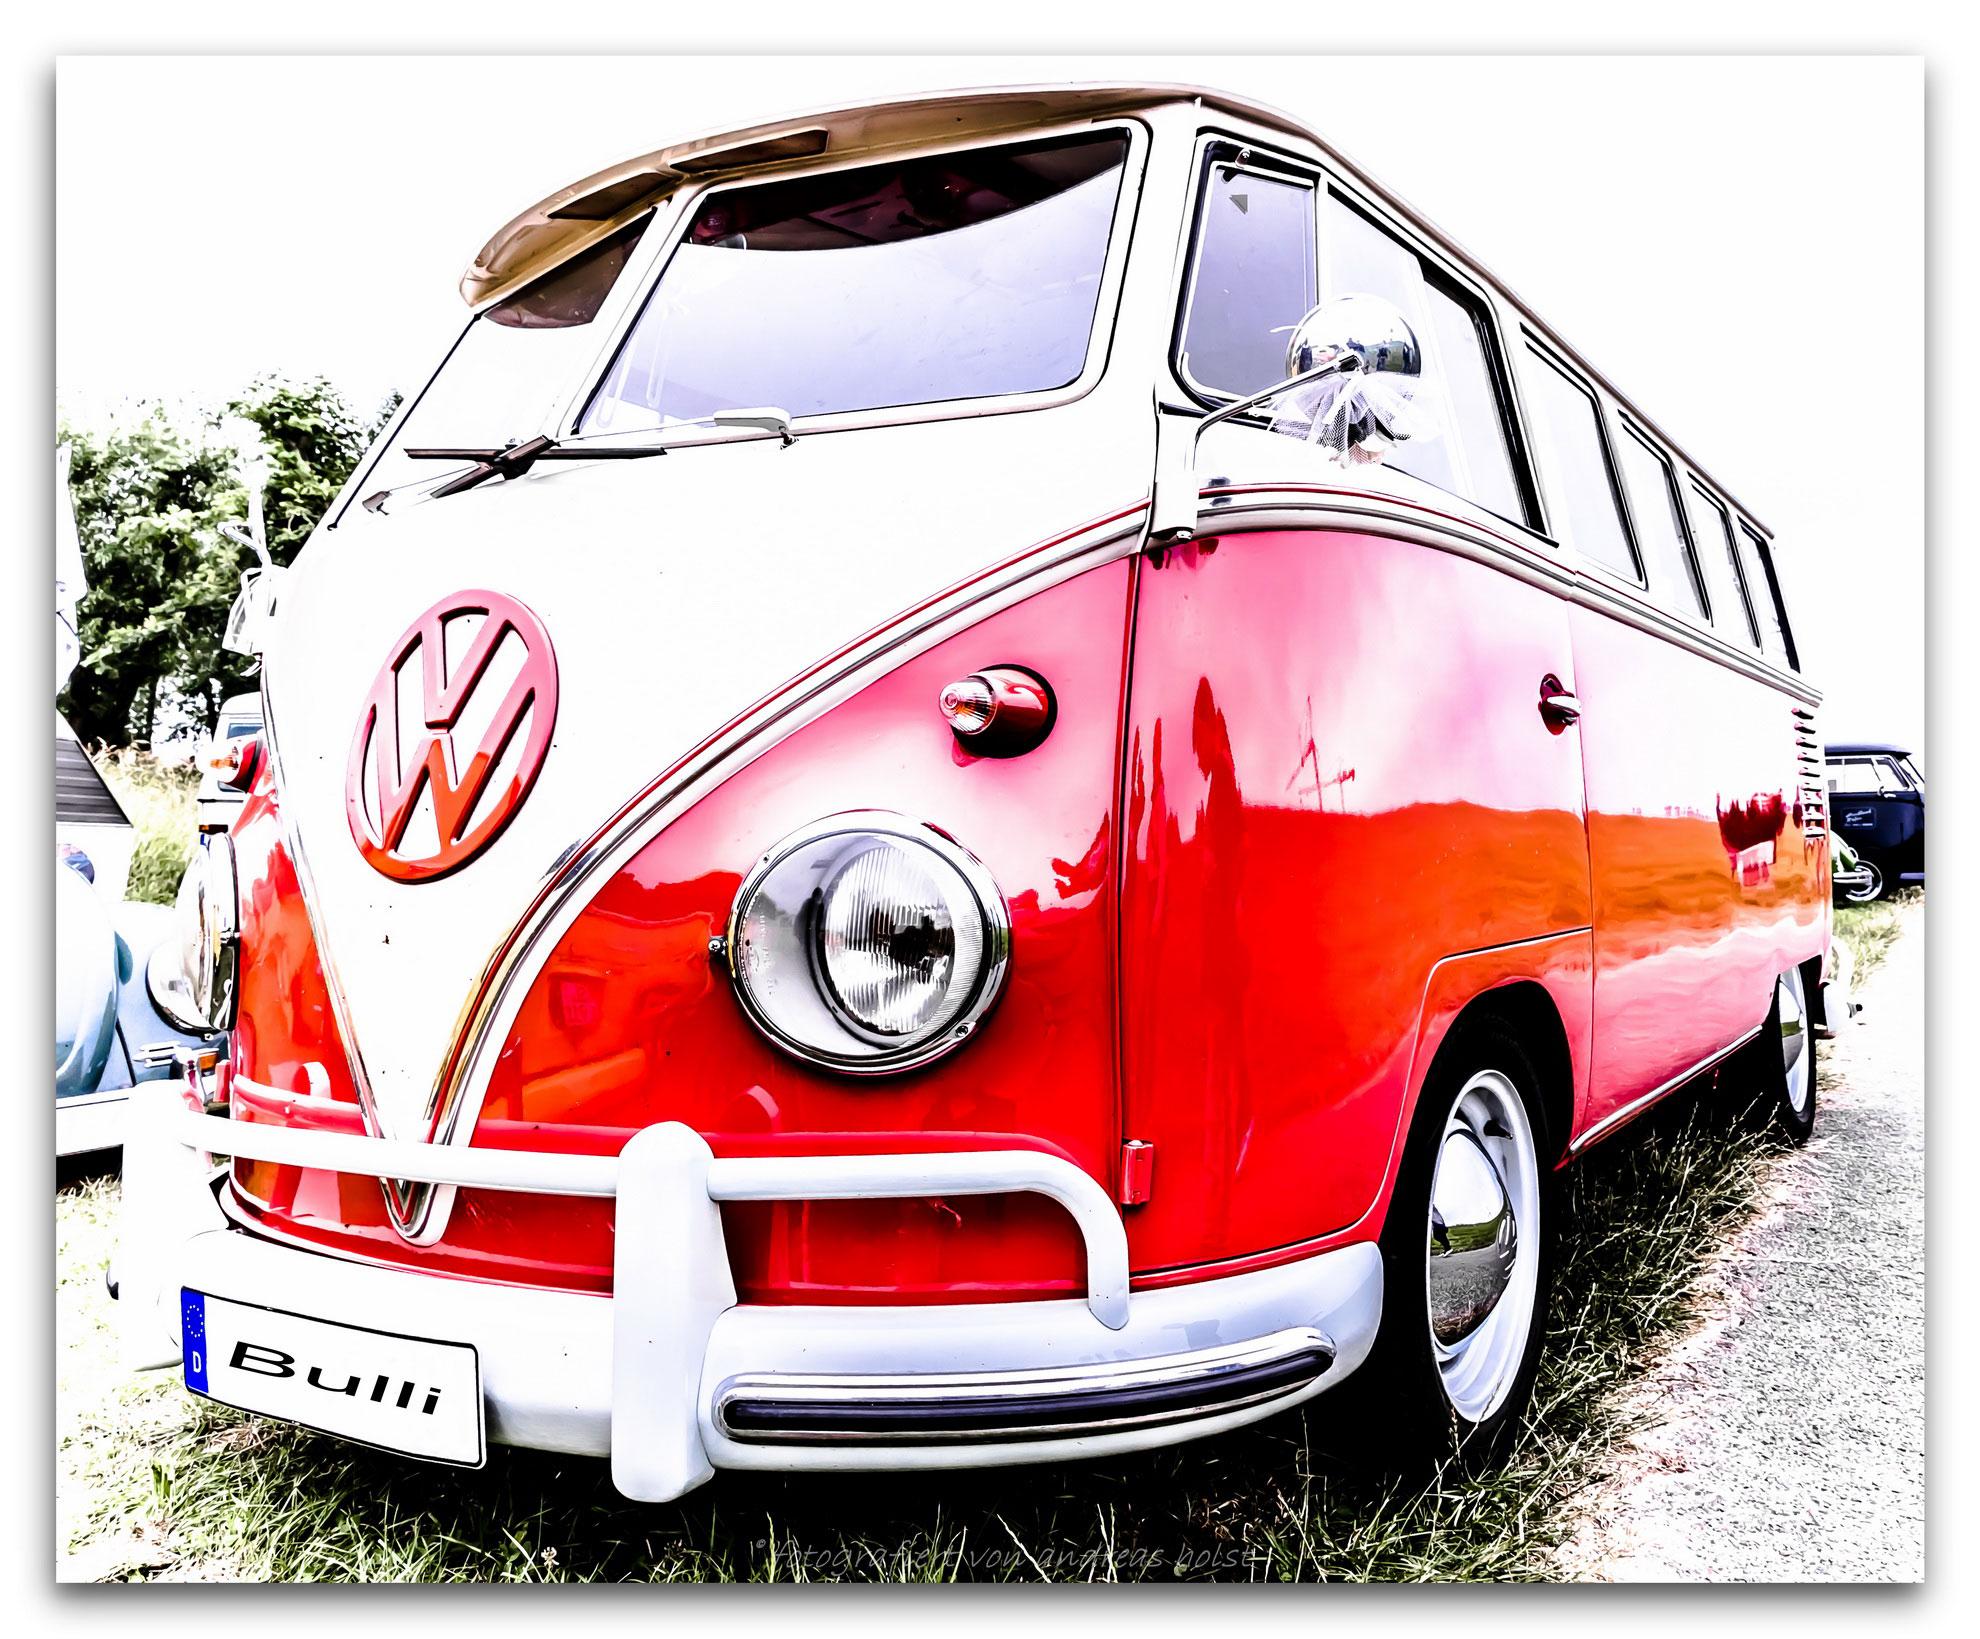 Krautsand-VW-treffen-13